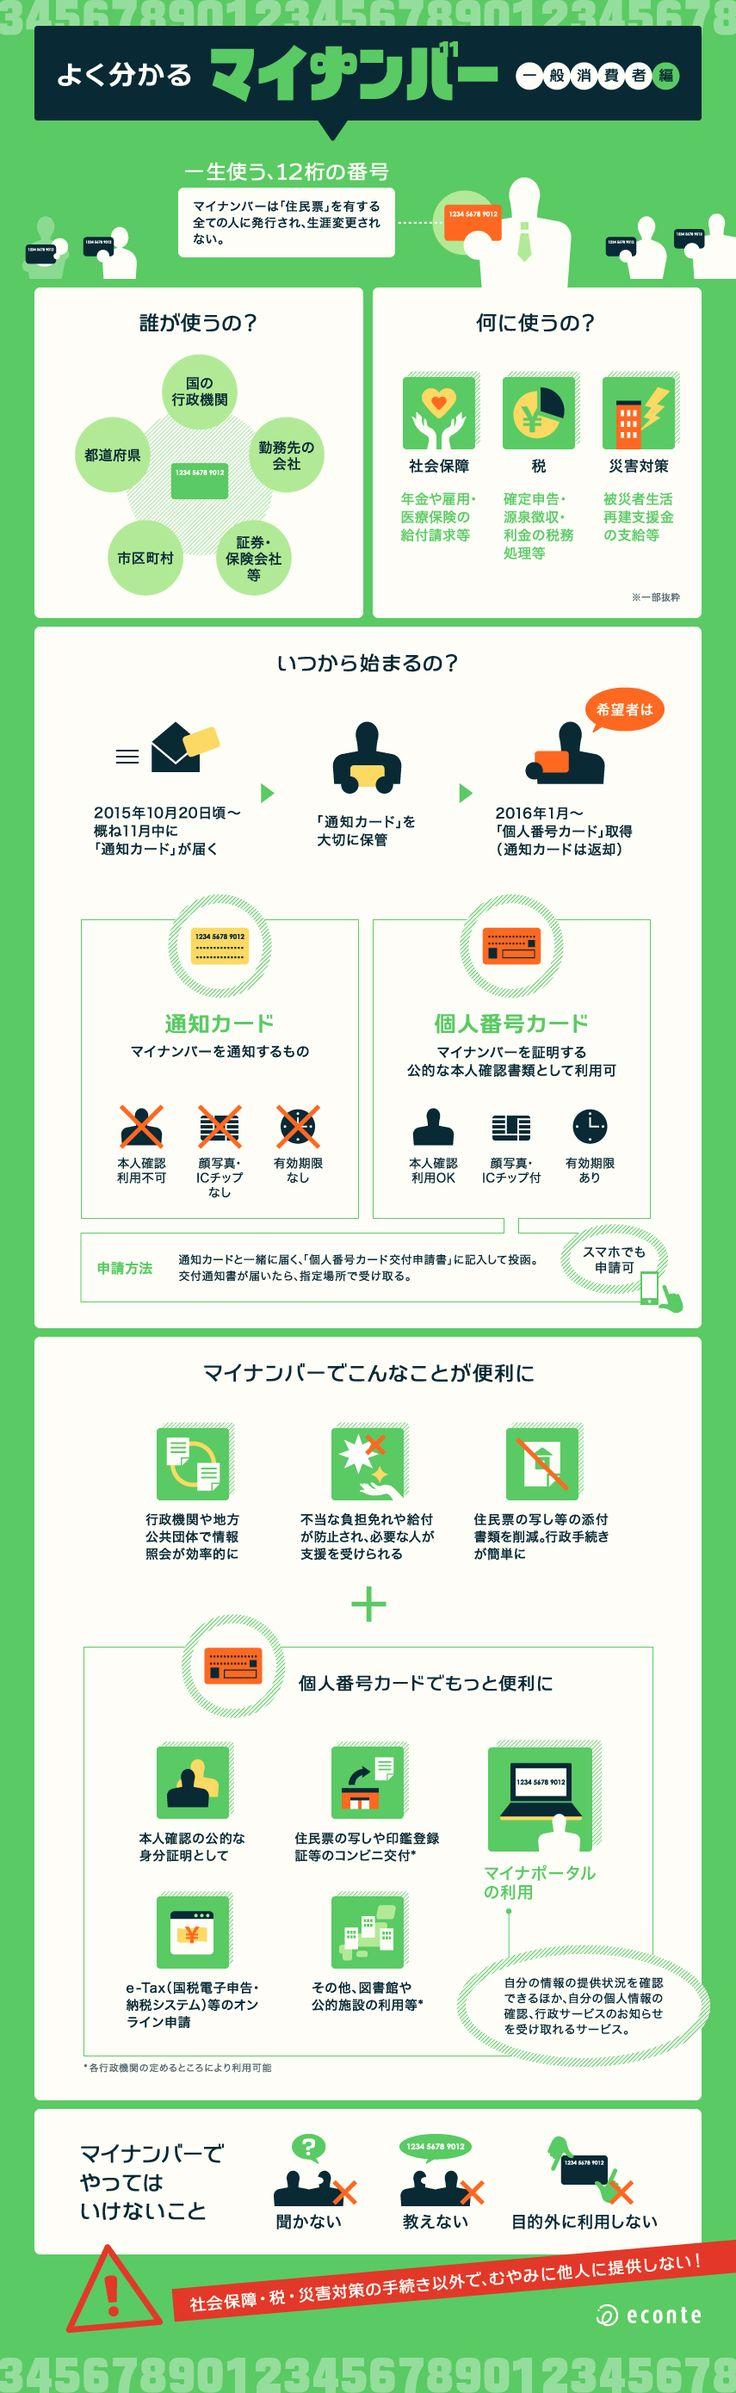 インフォグラフィック:マイナンバー制度のメリット。目的や住基ネットとの違いは何?